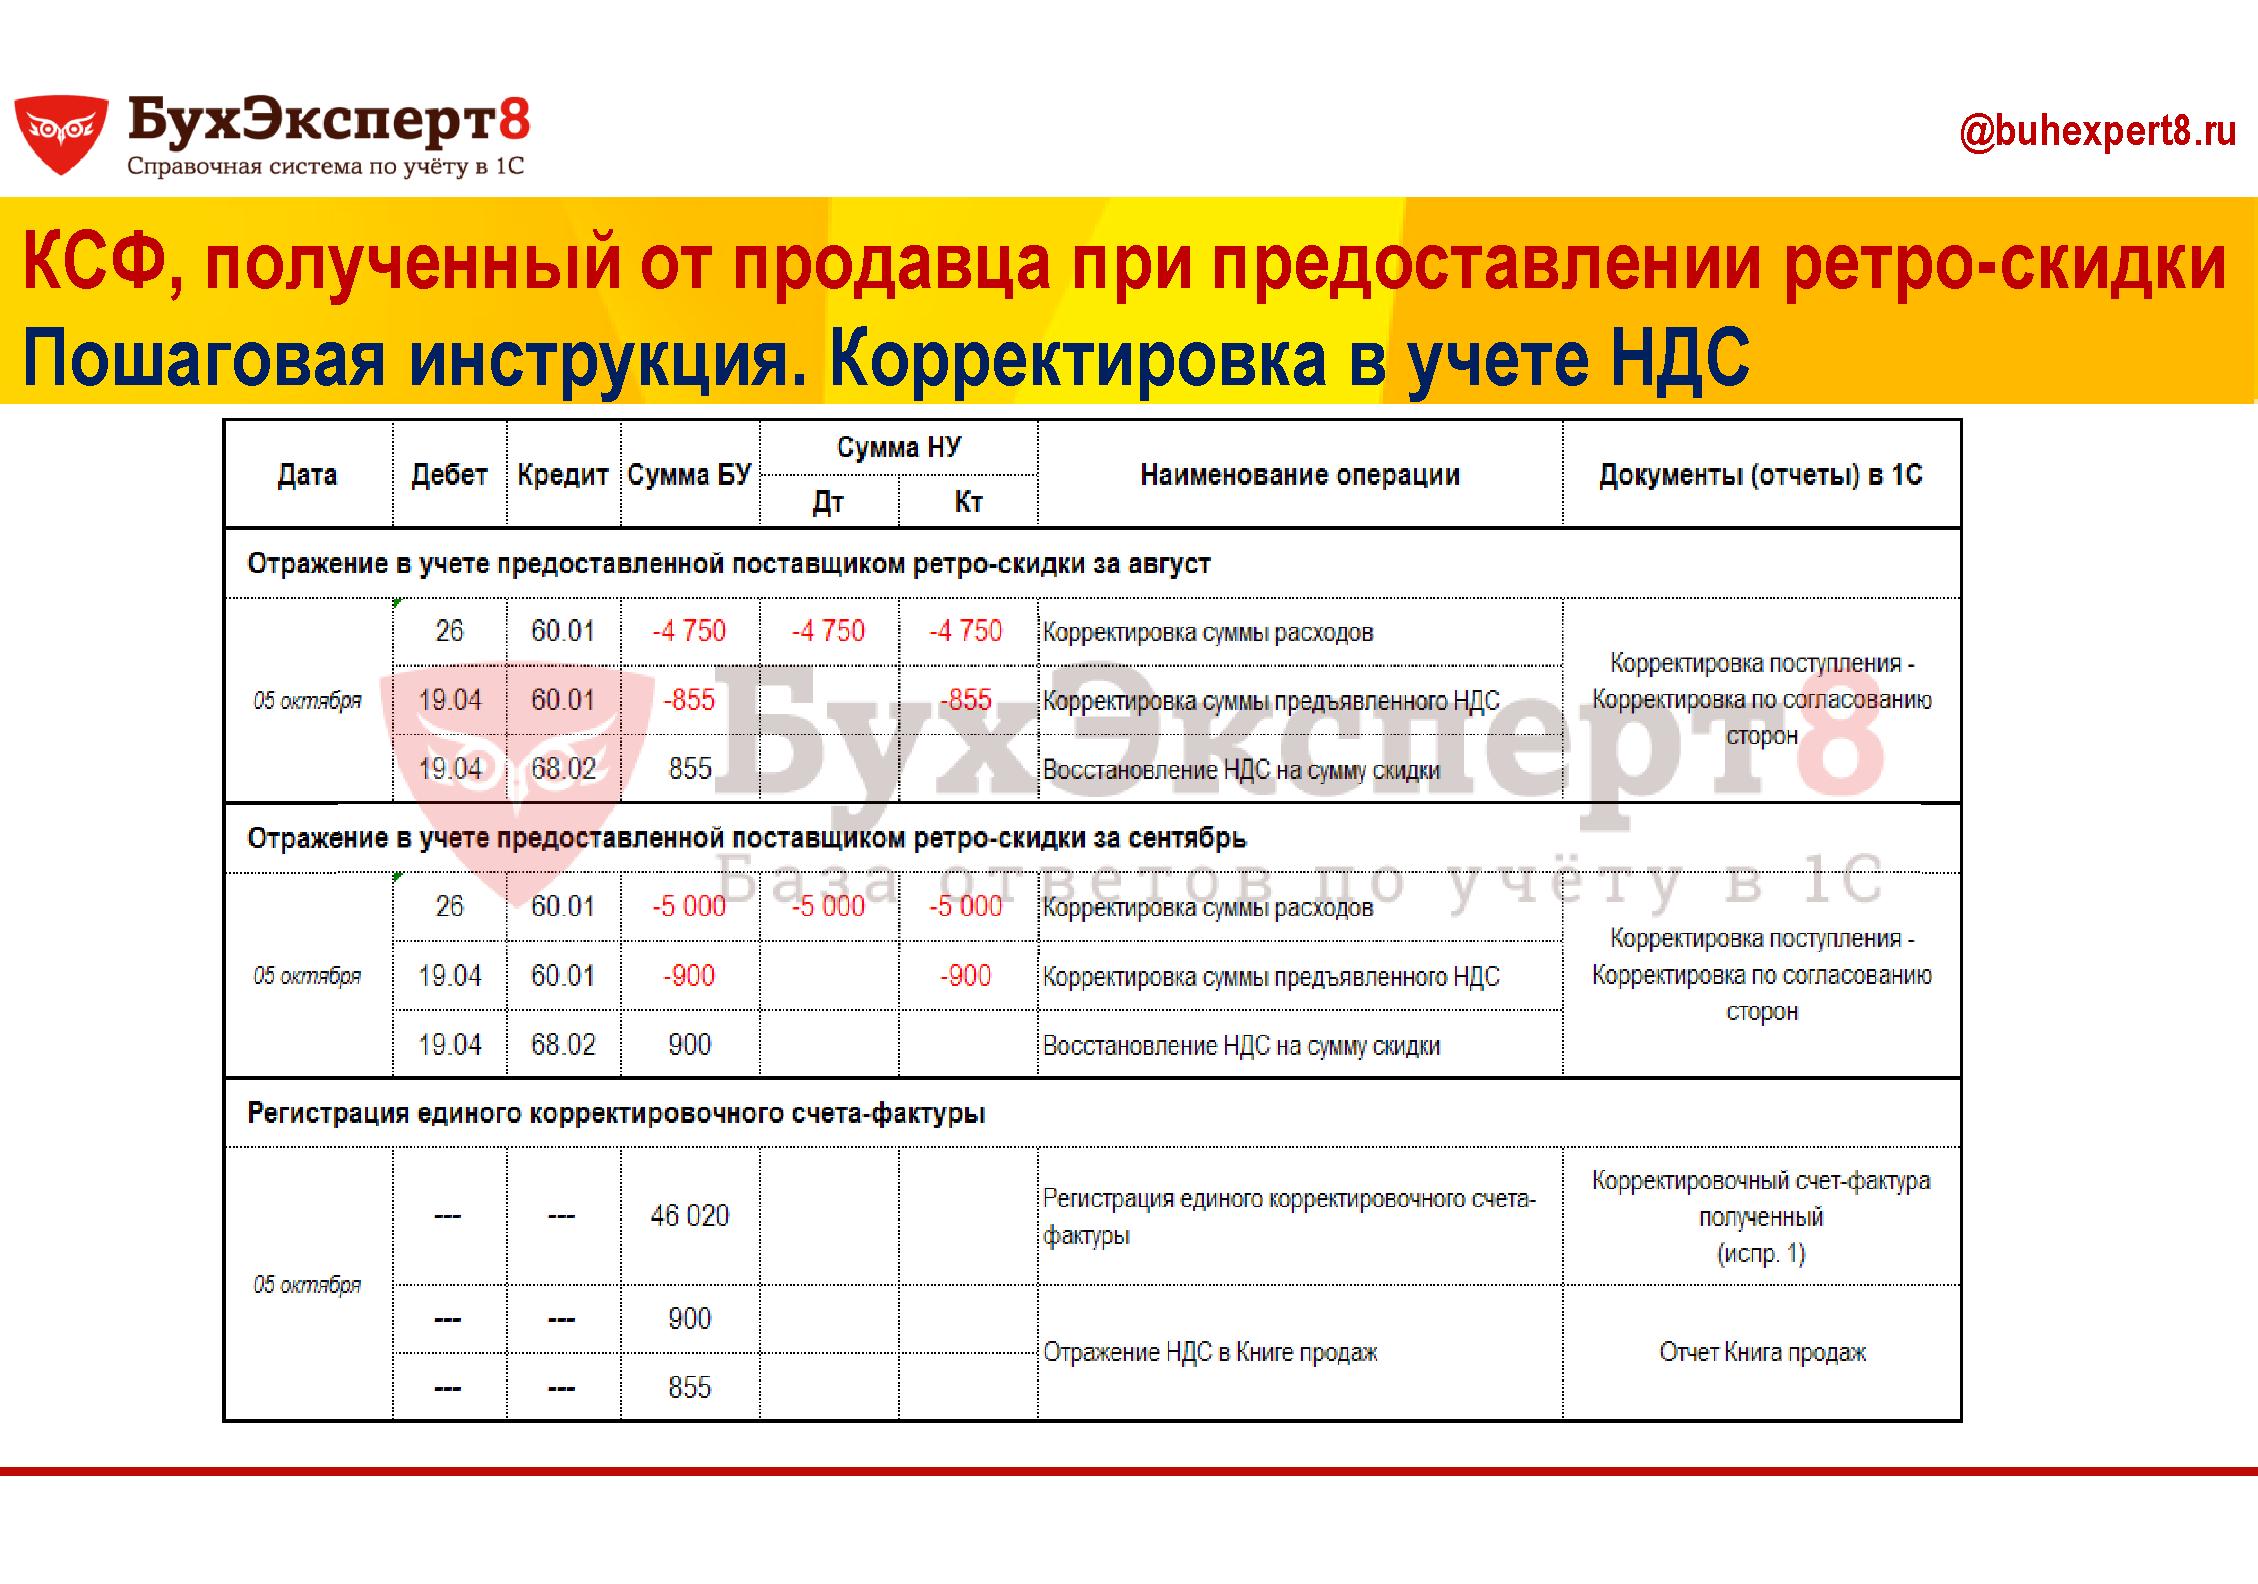 КСФ, полученный от продавца при предоставлении ретро-скидки Пошаговая инструкция. Корректировка в учете НДС